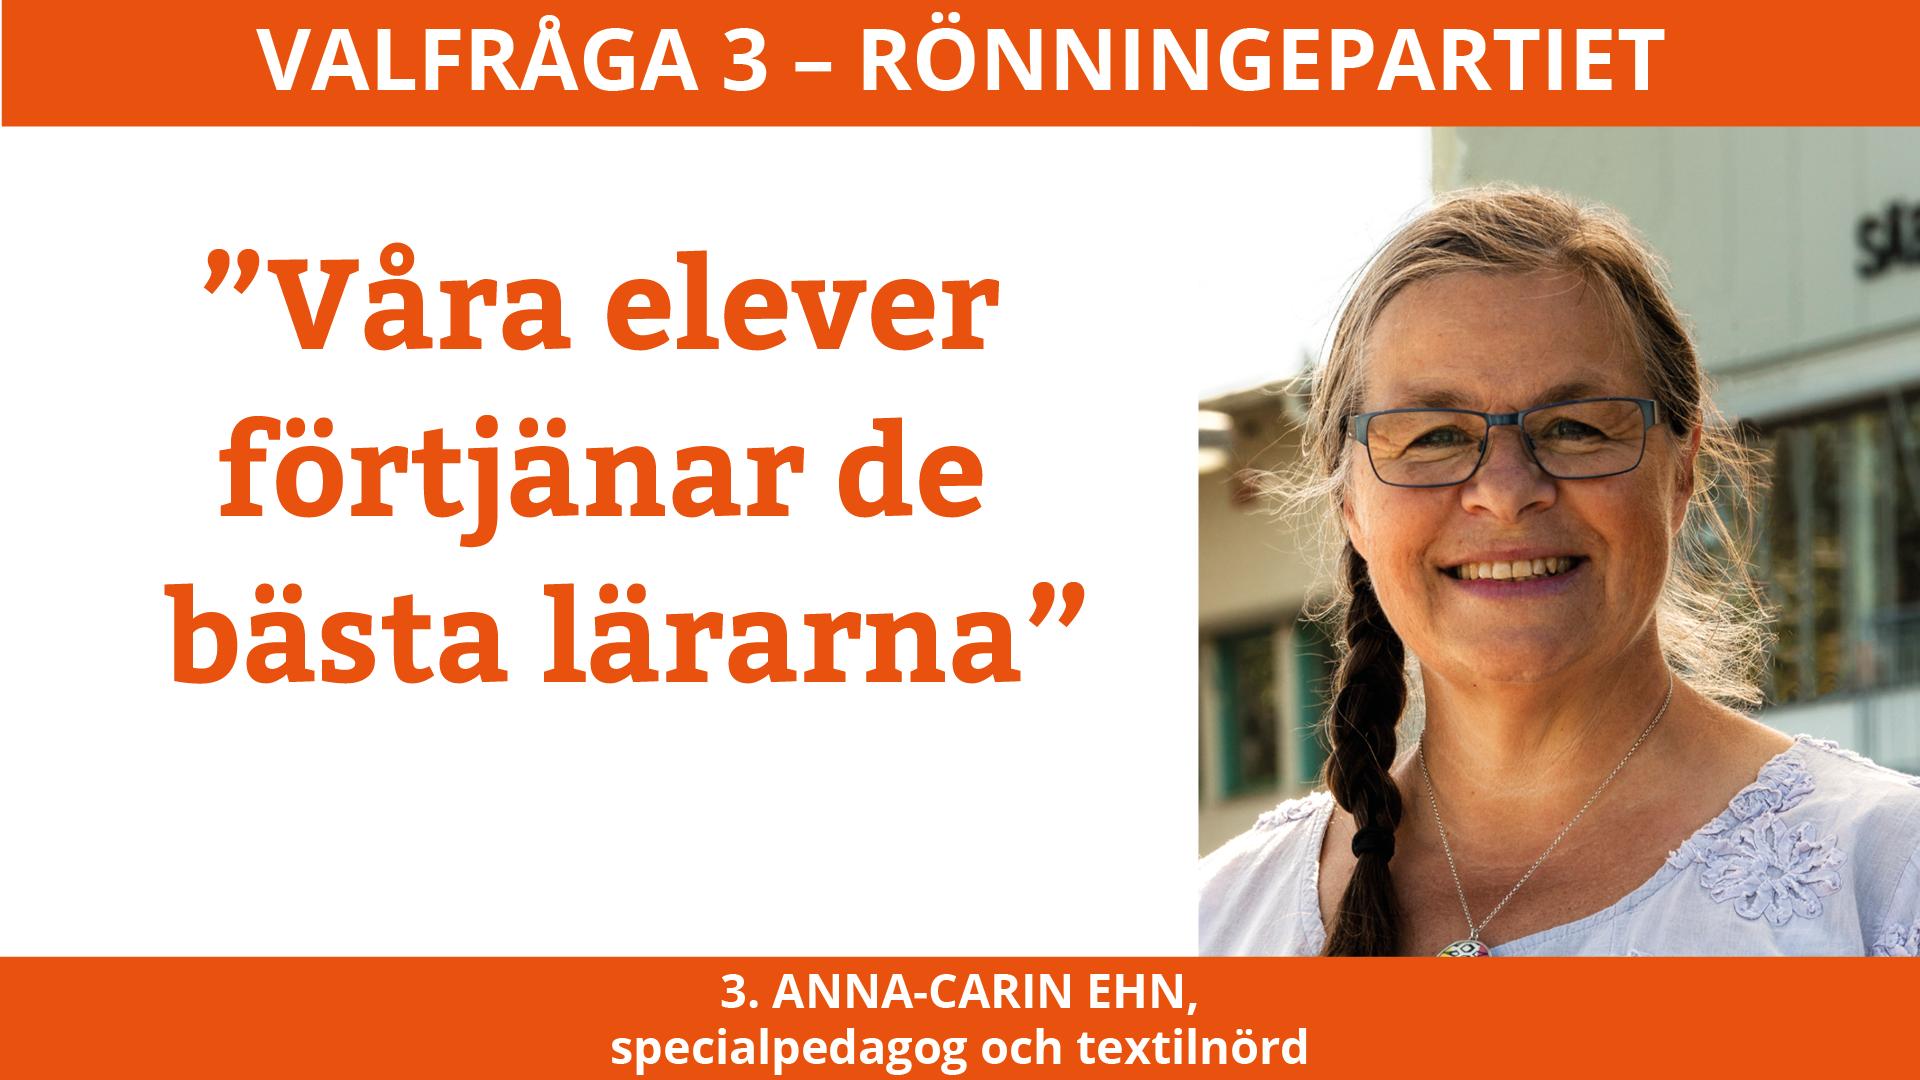 Vaöfråga 3 Anna-Carin Ehn Rönningepartiet